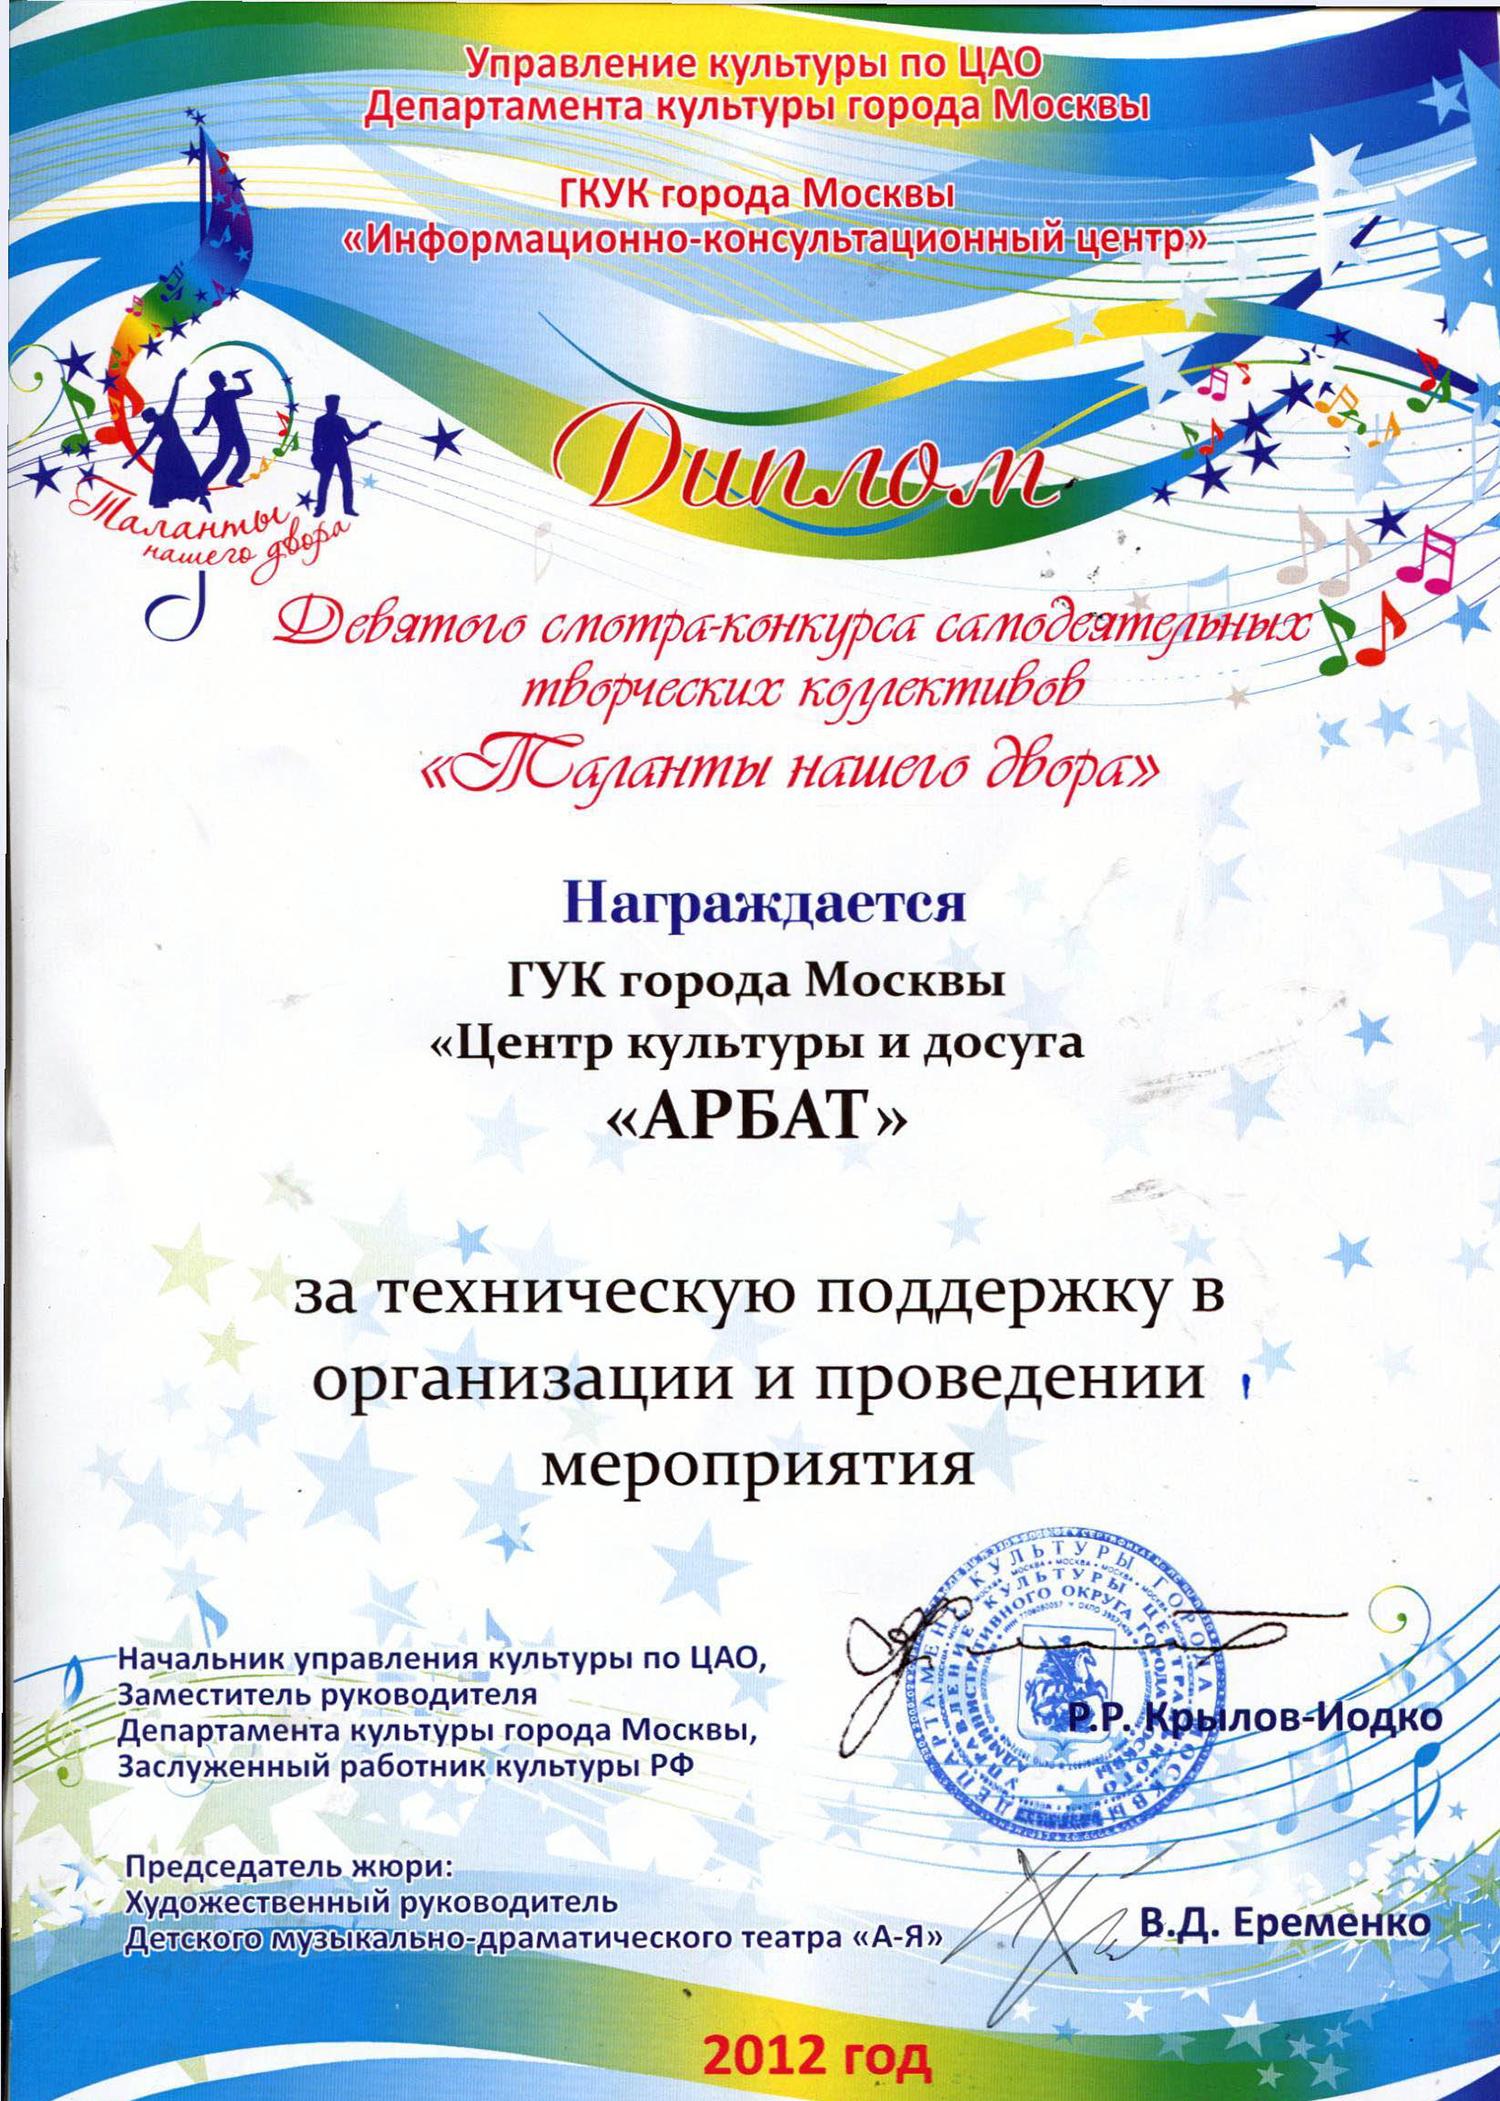 thanks Диплом Девятого самодеятельного смотра конкурса творческих коллективов от Управления культуры ЦАО Департамента культуры города Москвы